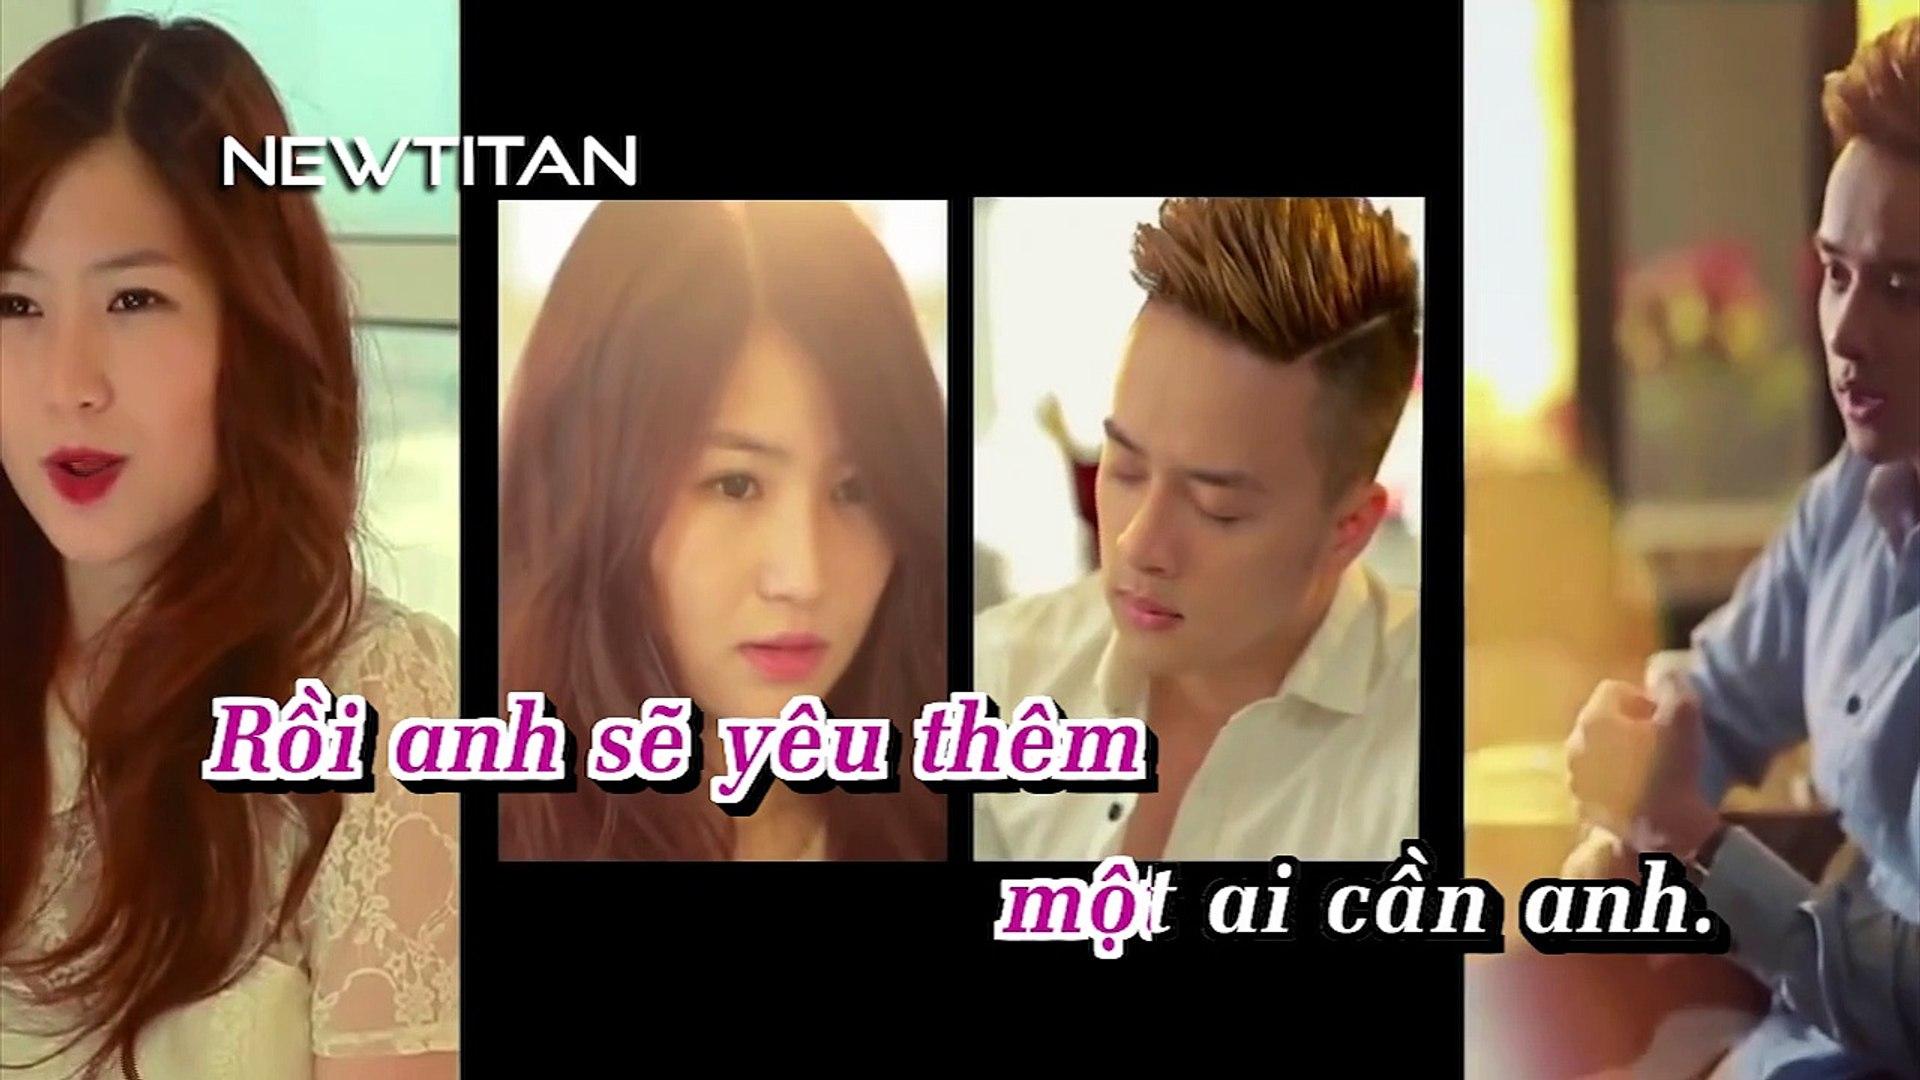 [Karaoke] Sẽ Có Người Cần Anh - Cao Thái Sơn Ft. Hương Tràm [Beat]